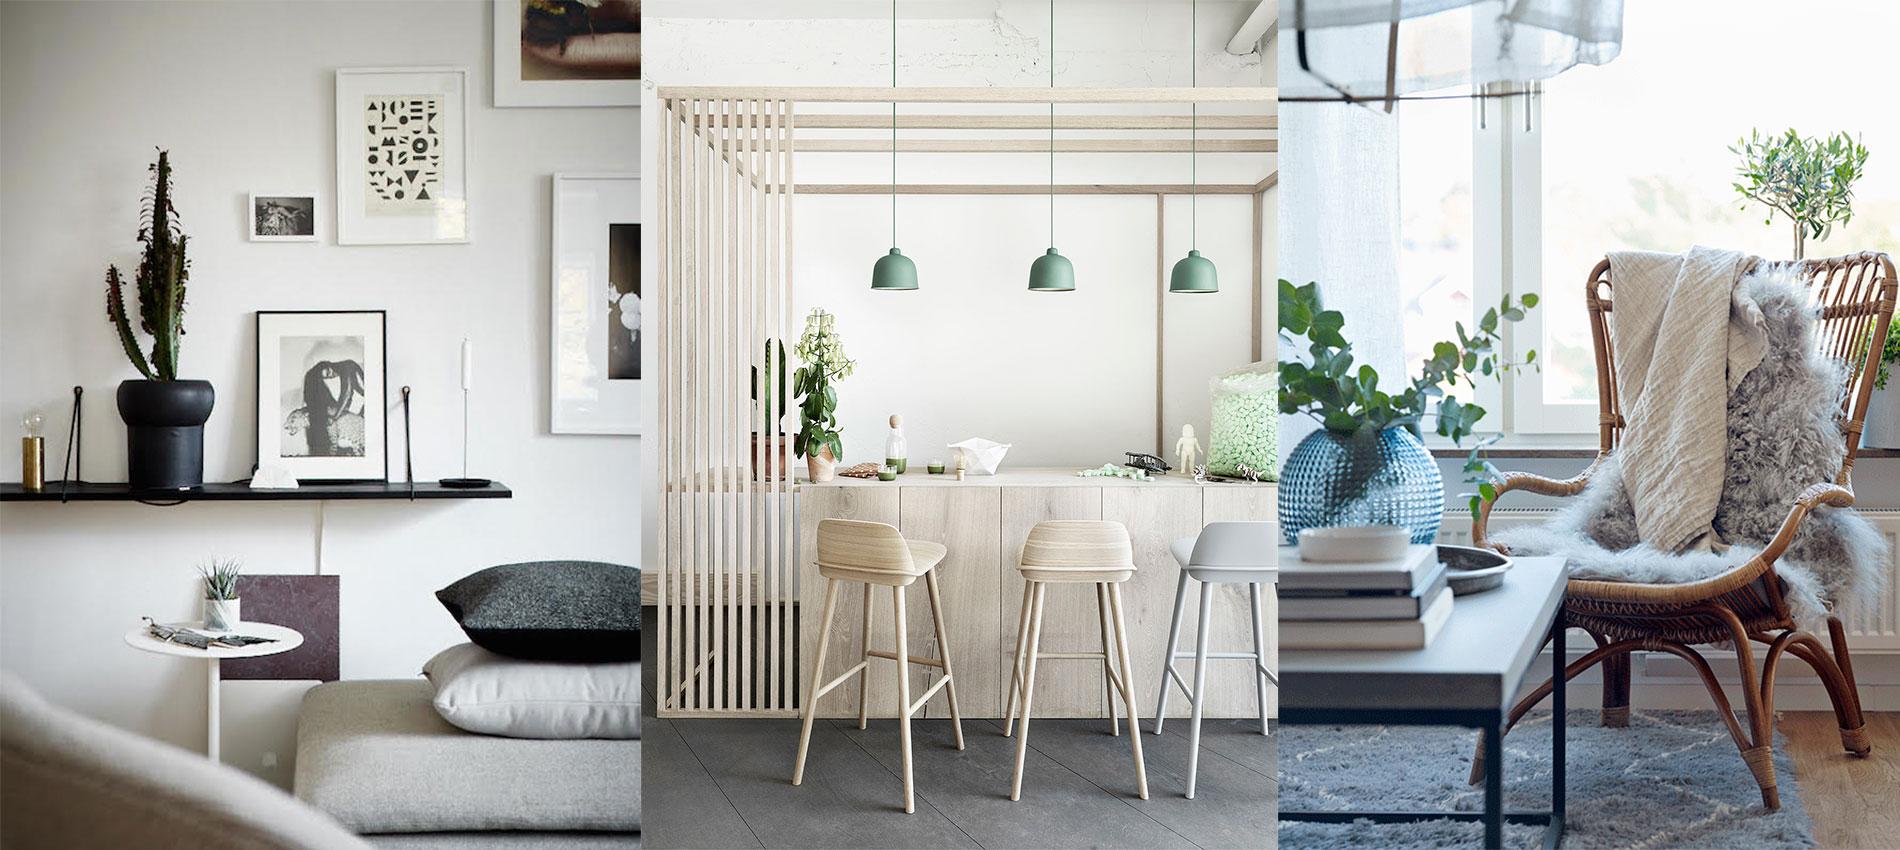 Фотографии интерьеров в скандинавском стиле